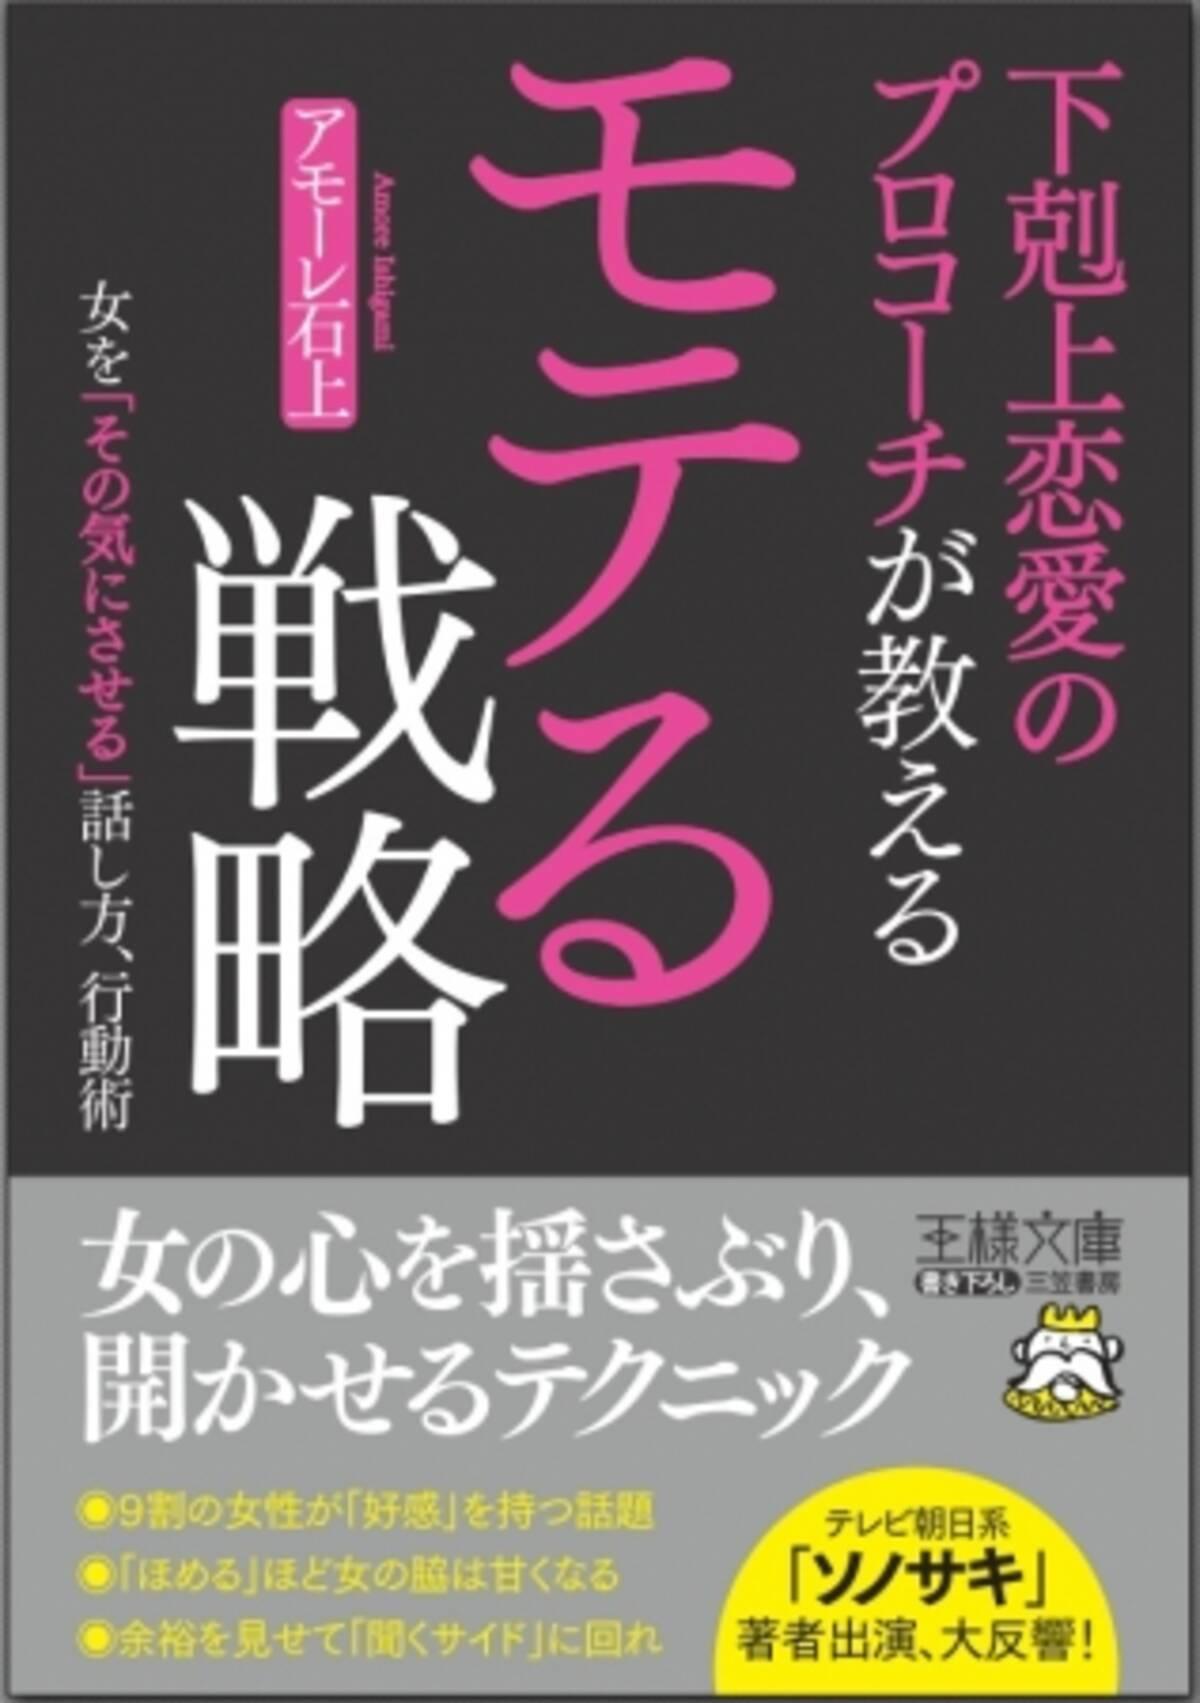 恋愛教科書 下剋上恋愛のプロコーチが教えるモテる戦略 アモーレ